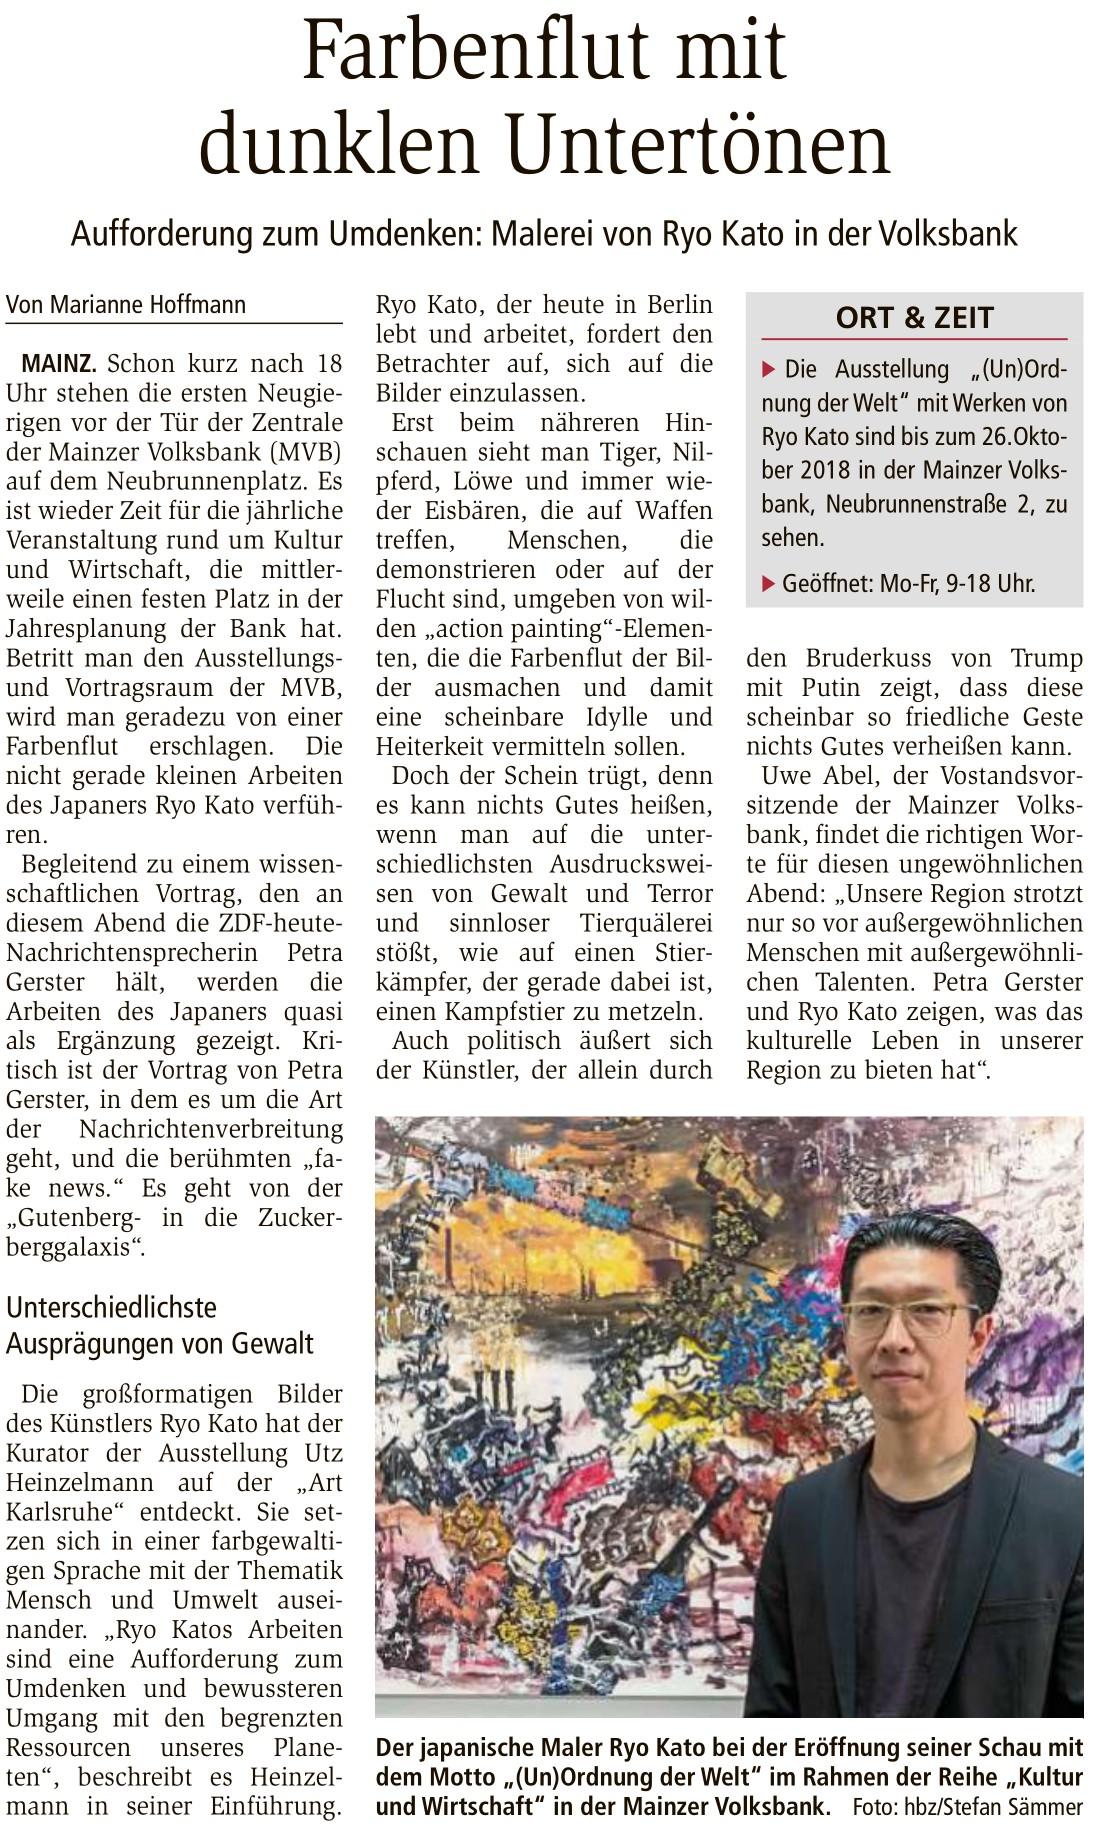 2018-09-21_Allgemeine_Zeitung_Mainz_Farbenflut_mit_dunklen_Untertoenen-2